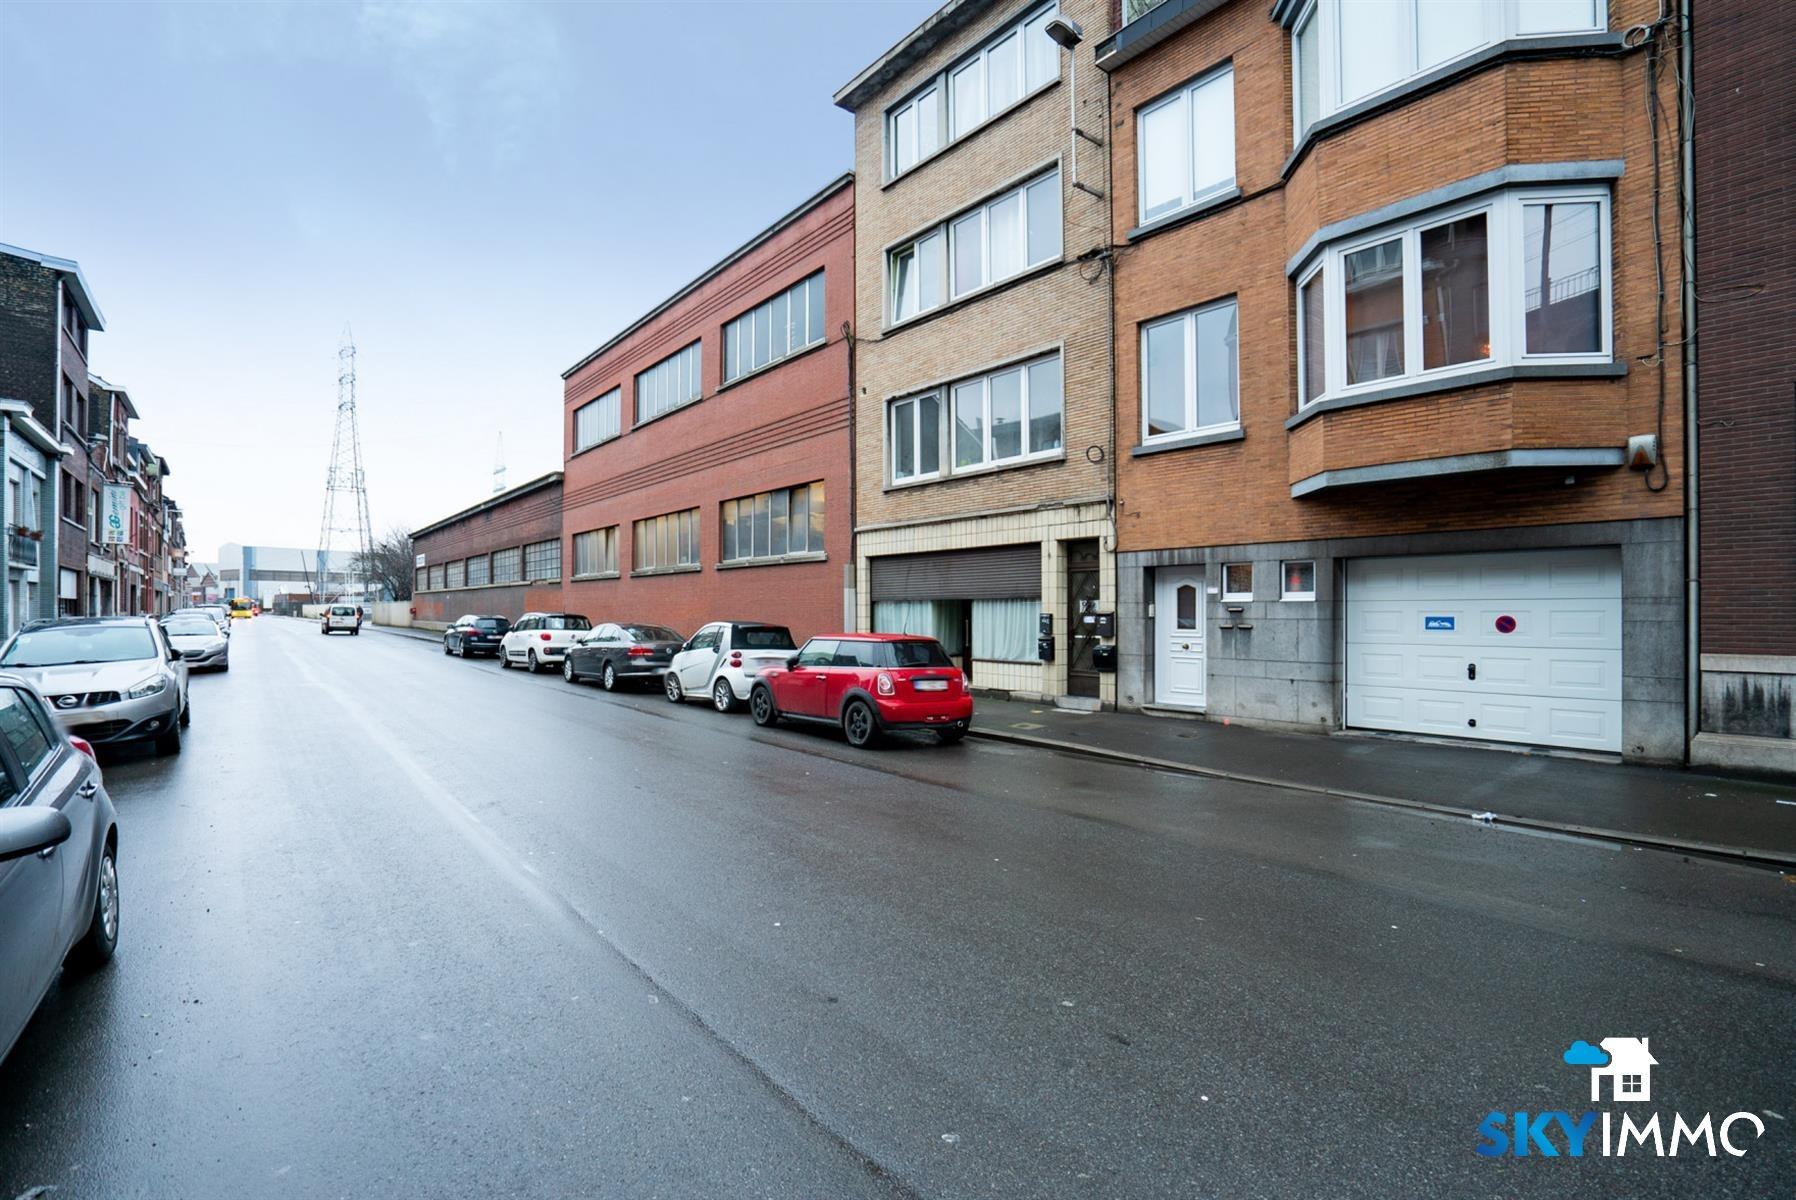 Maison - Liège - #4245744-50